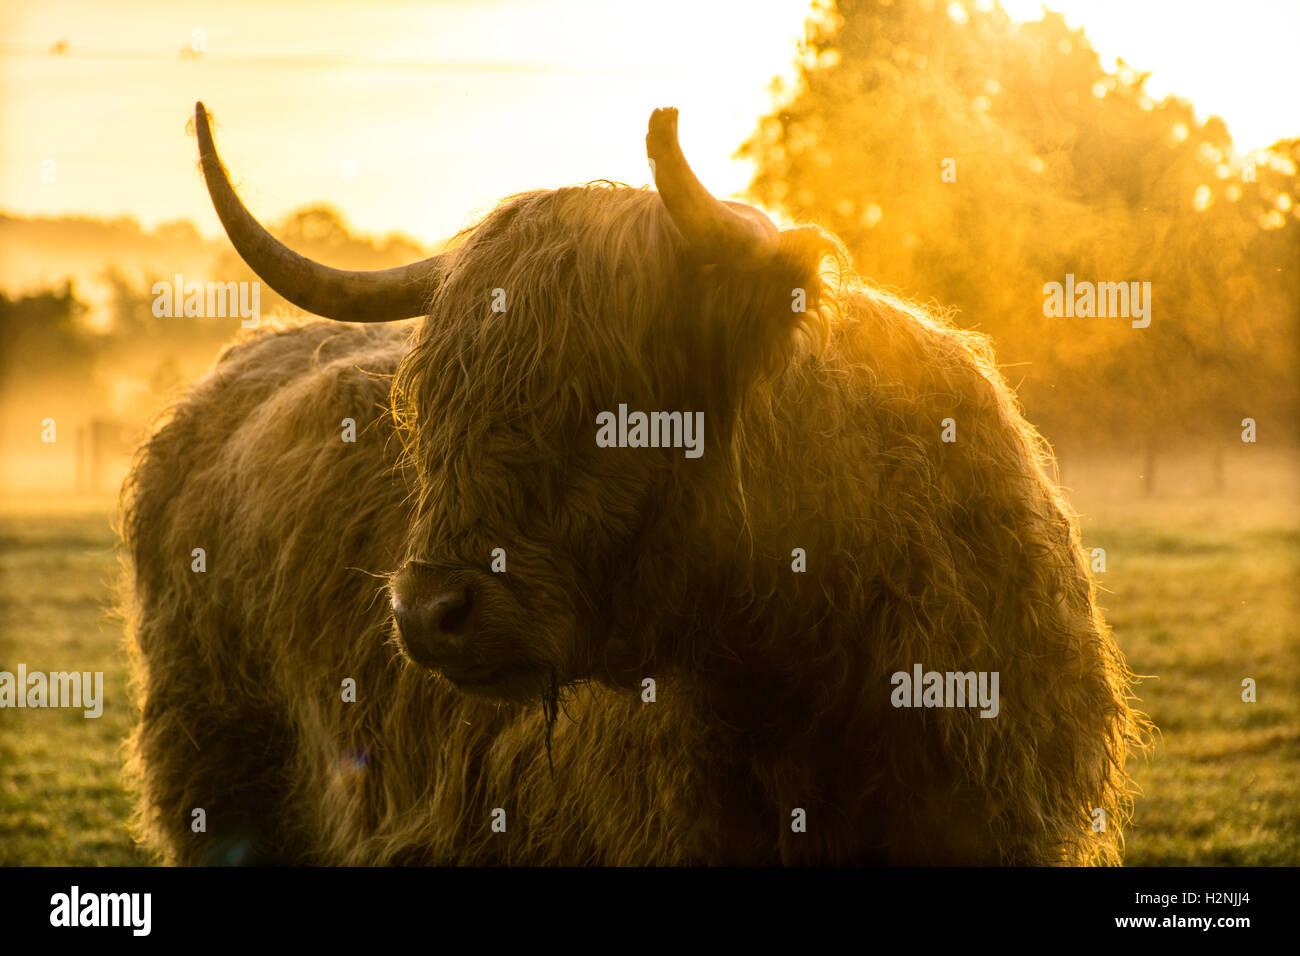 highland cow at sunrise - Stock Image